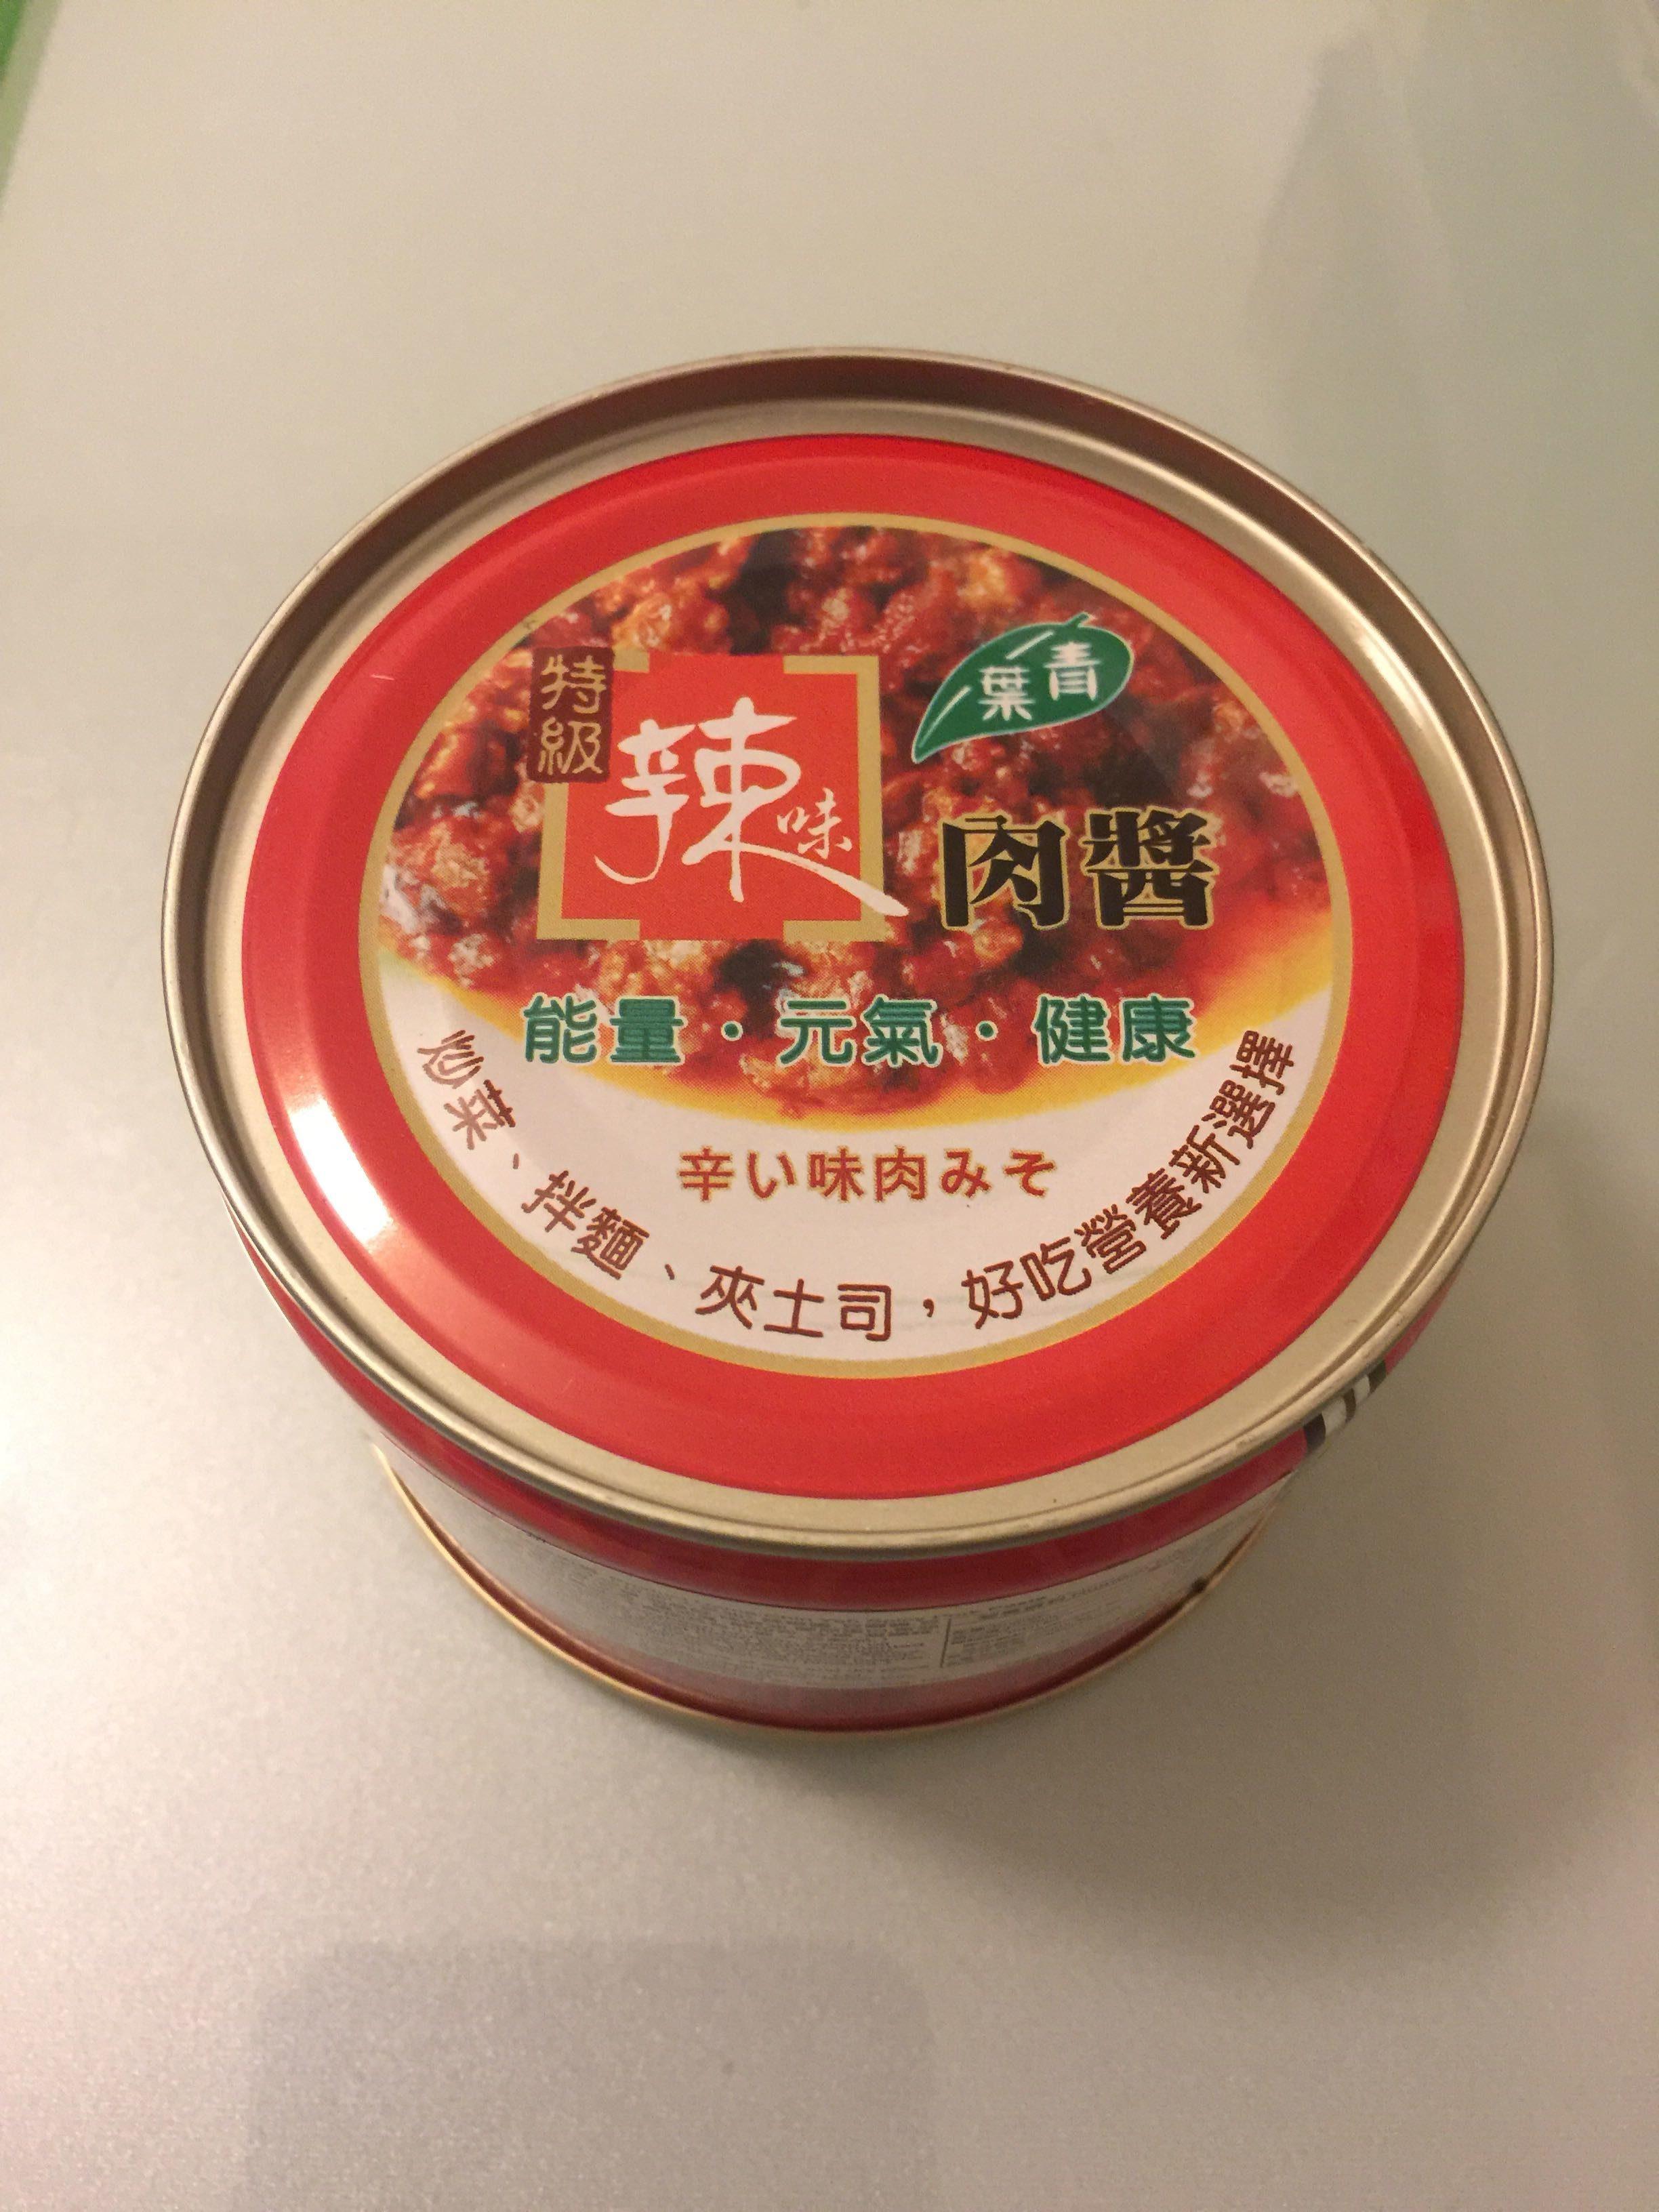 特級辣味肉醬 - 产品 - zh